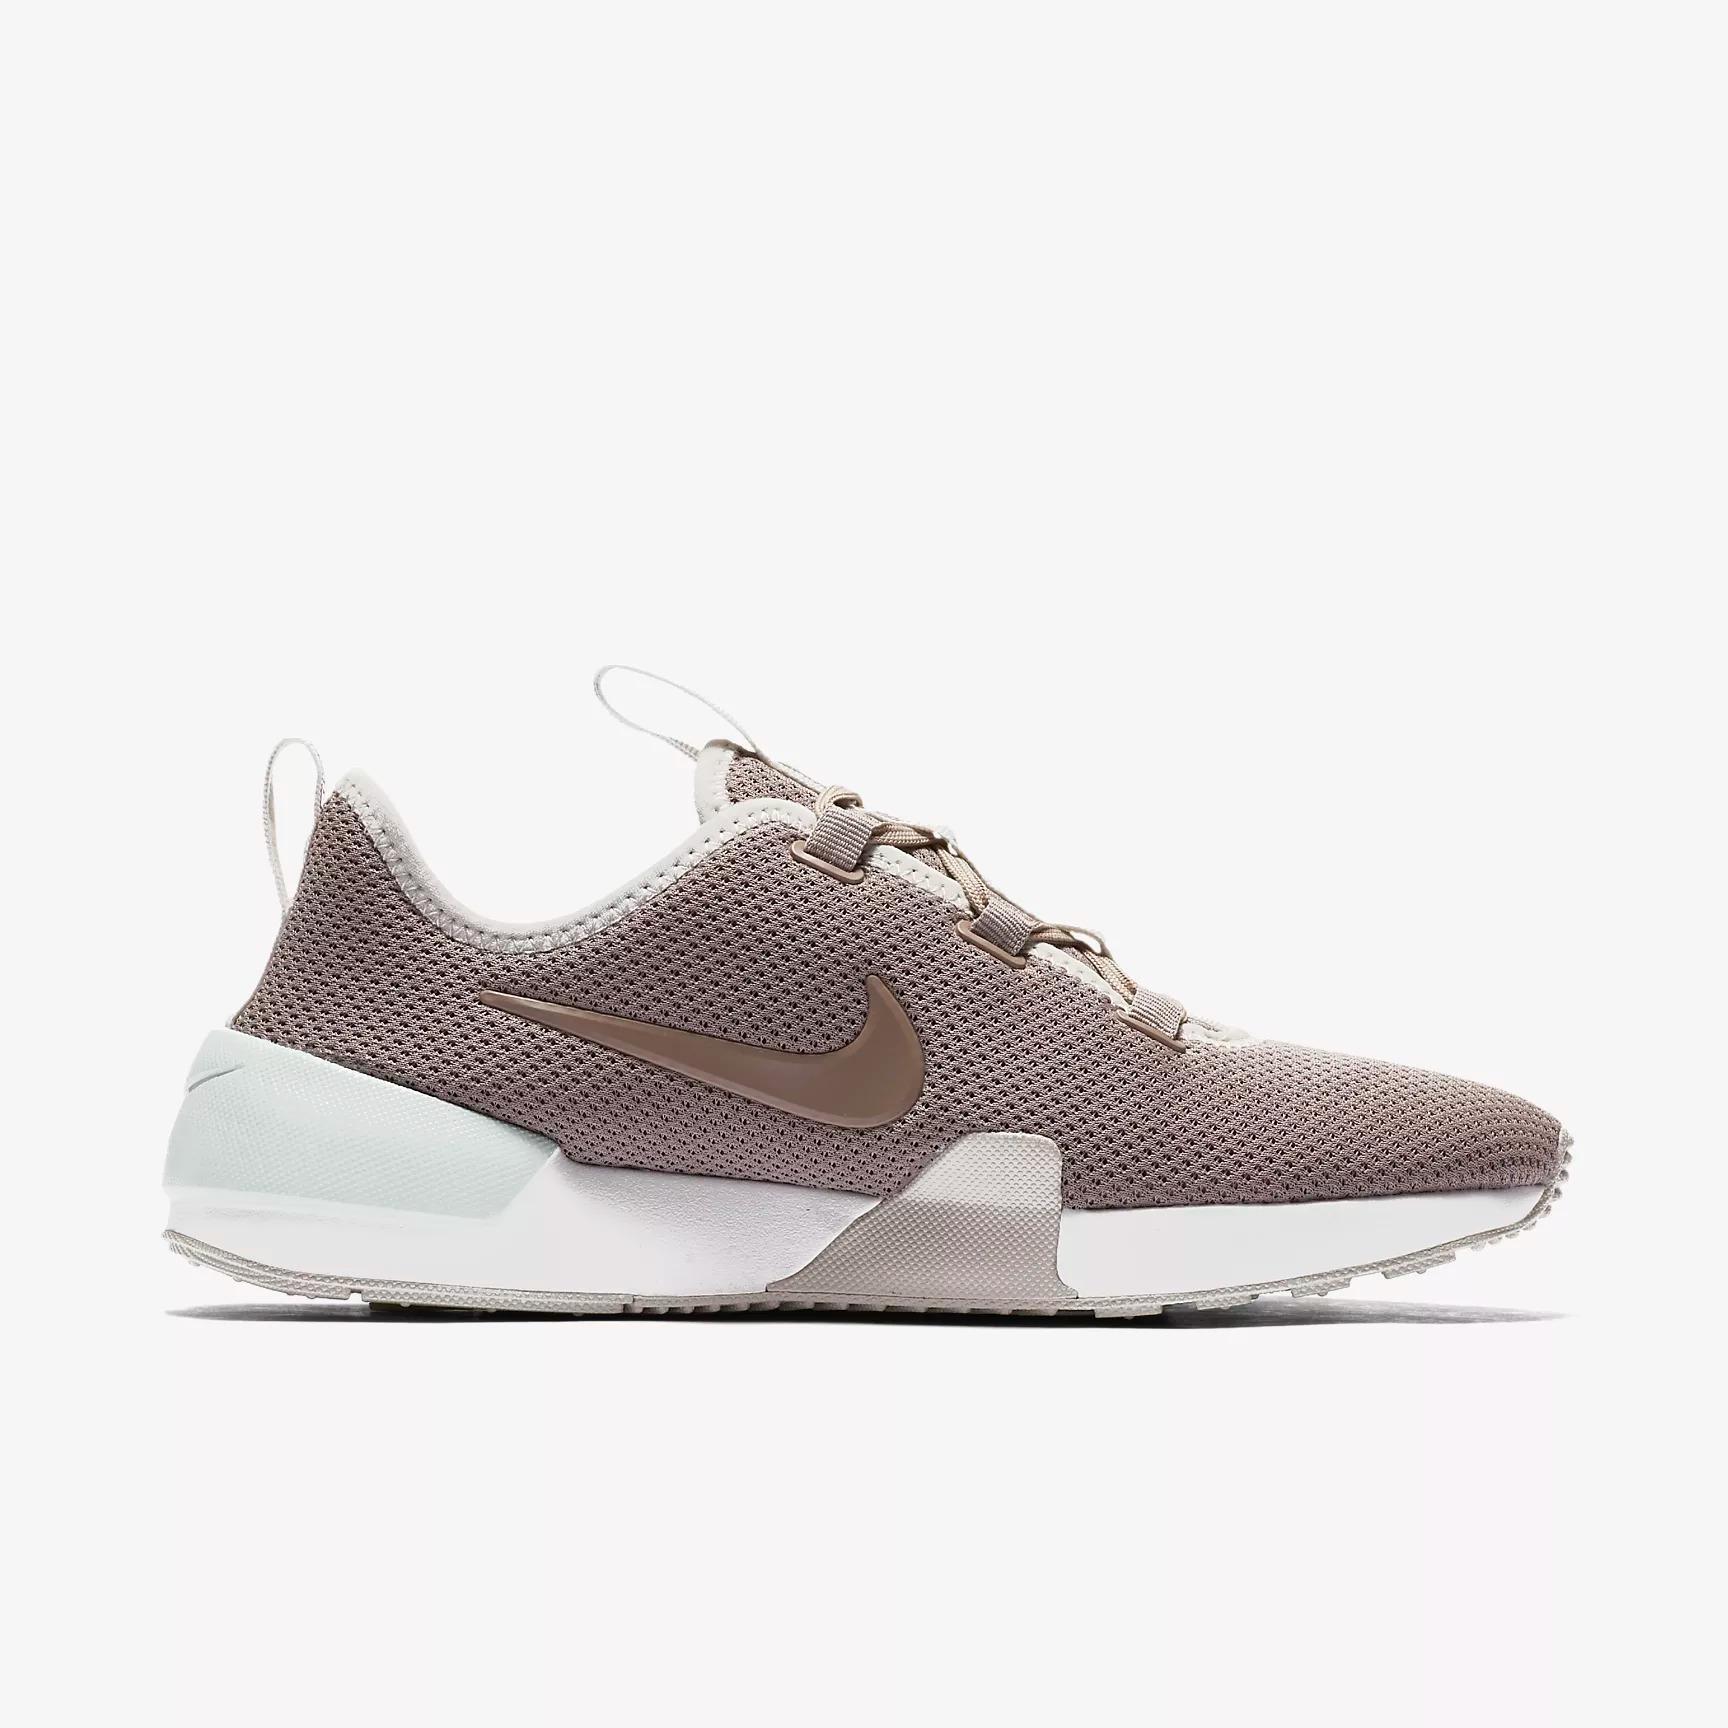 Nike Wmns Ashin Modern Run Sport Shoes Lifestyle Shoes